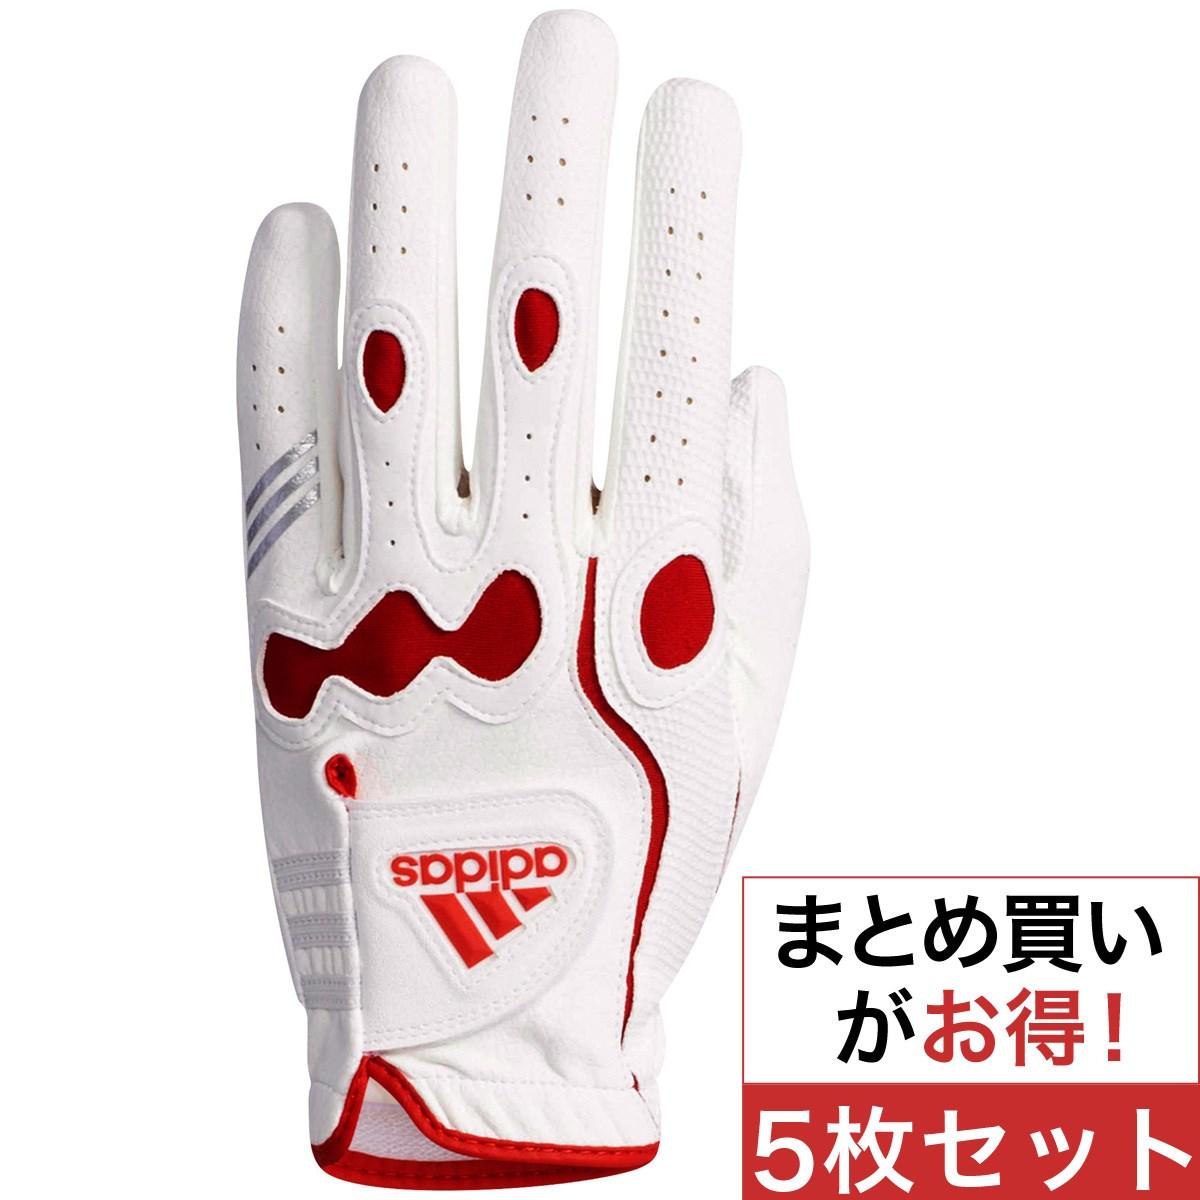 アディダス(adidas) マルチフィット 8 グローブ 5枚セット